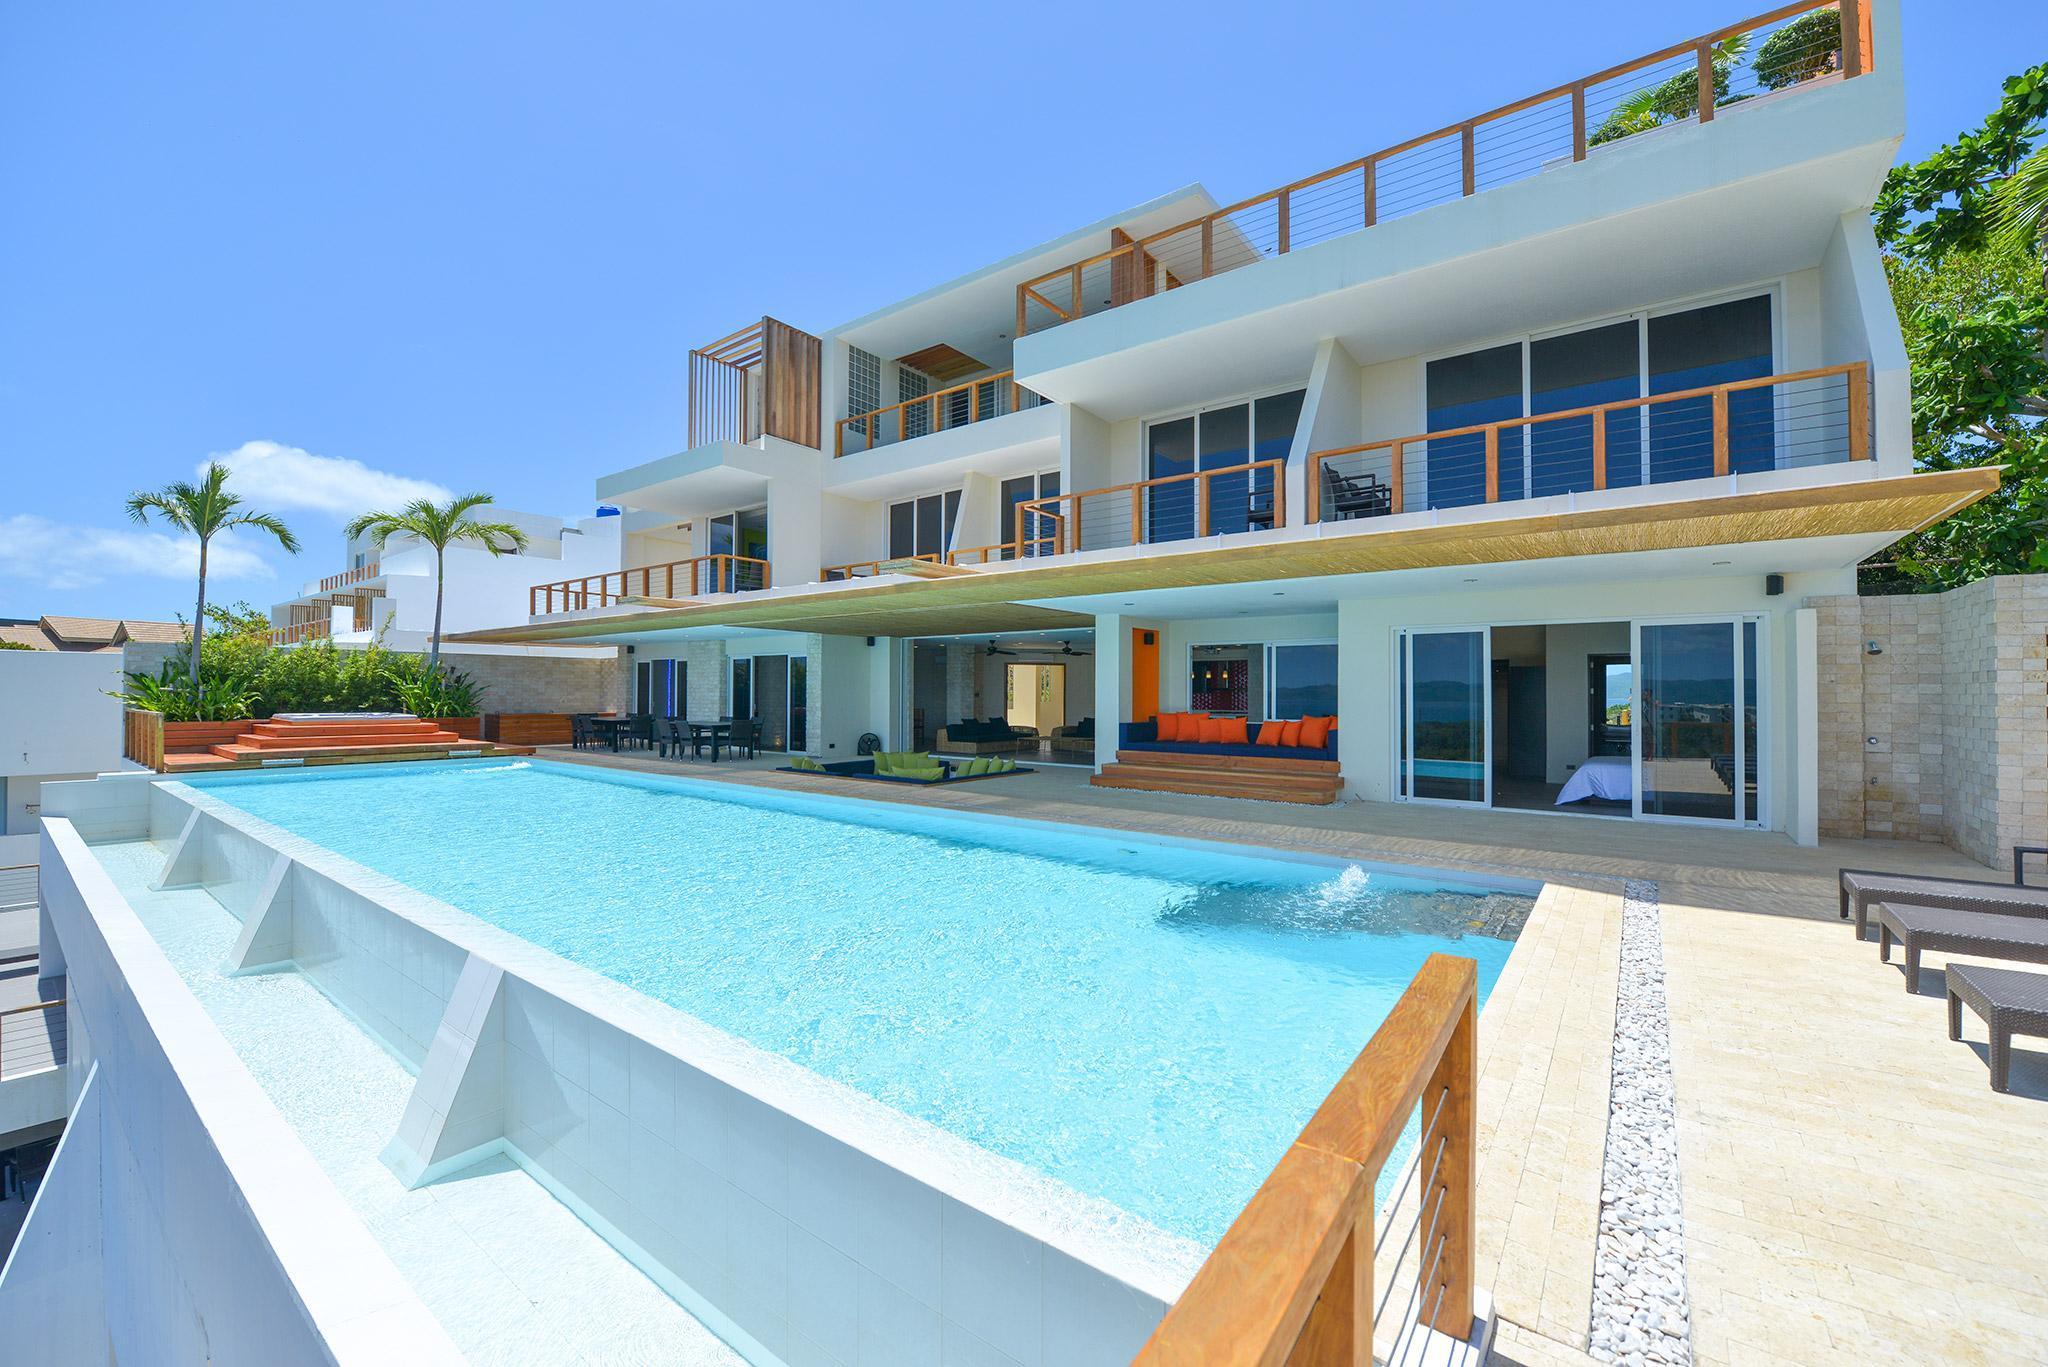 Caipirinha Villa 11 Bedroom Villa With Pool